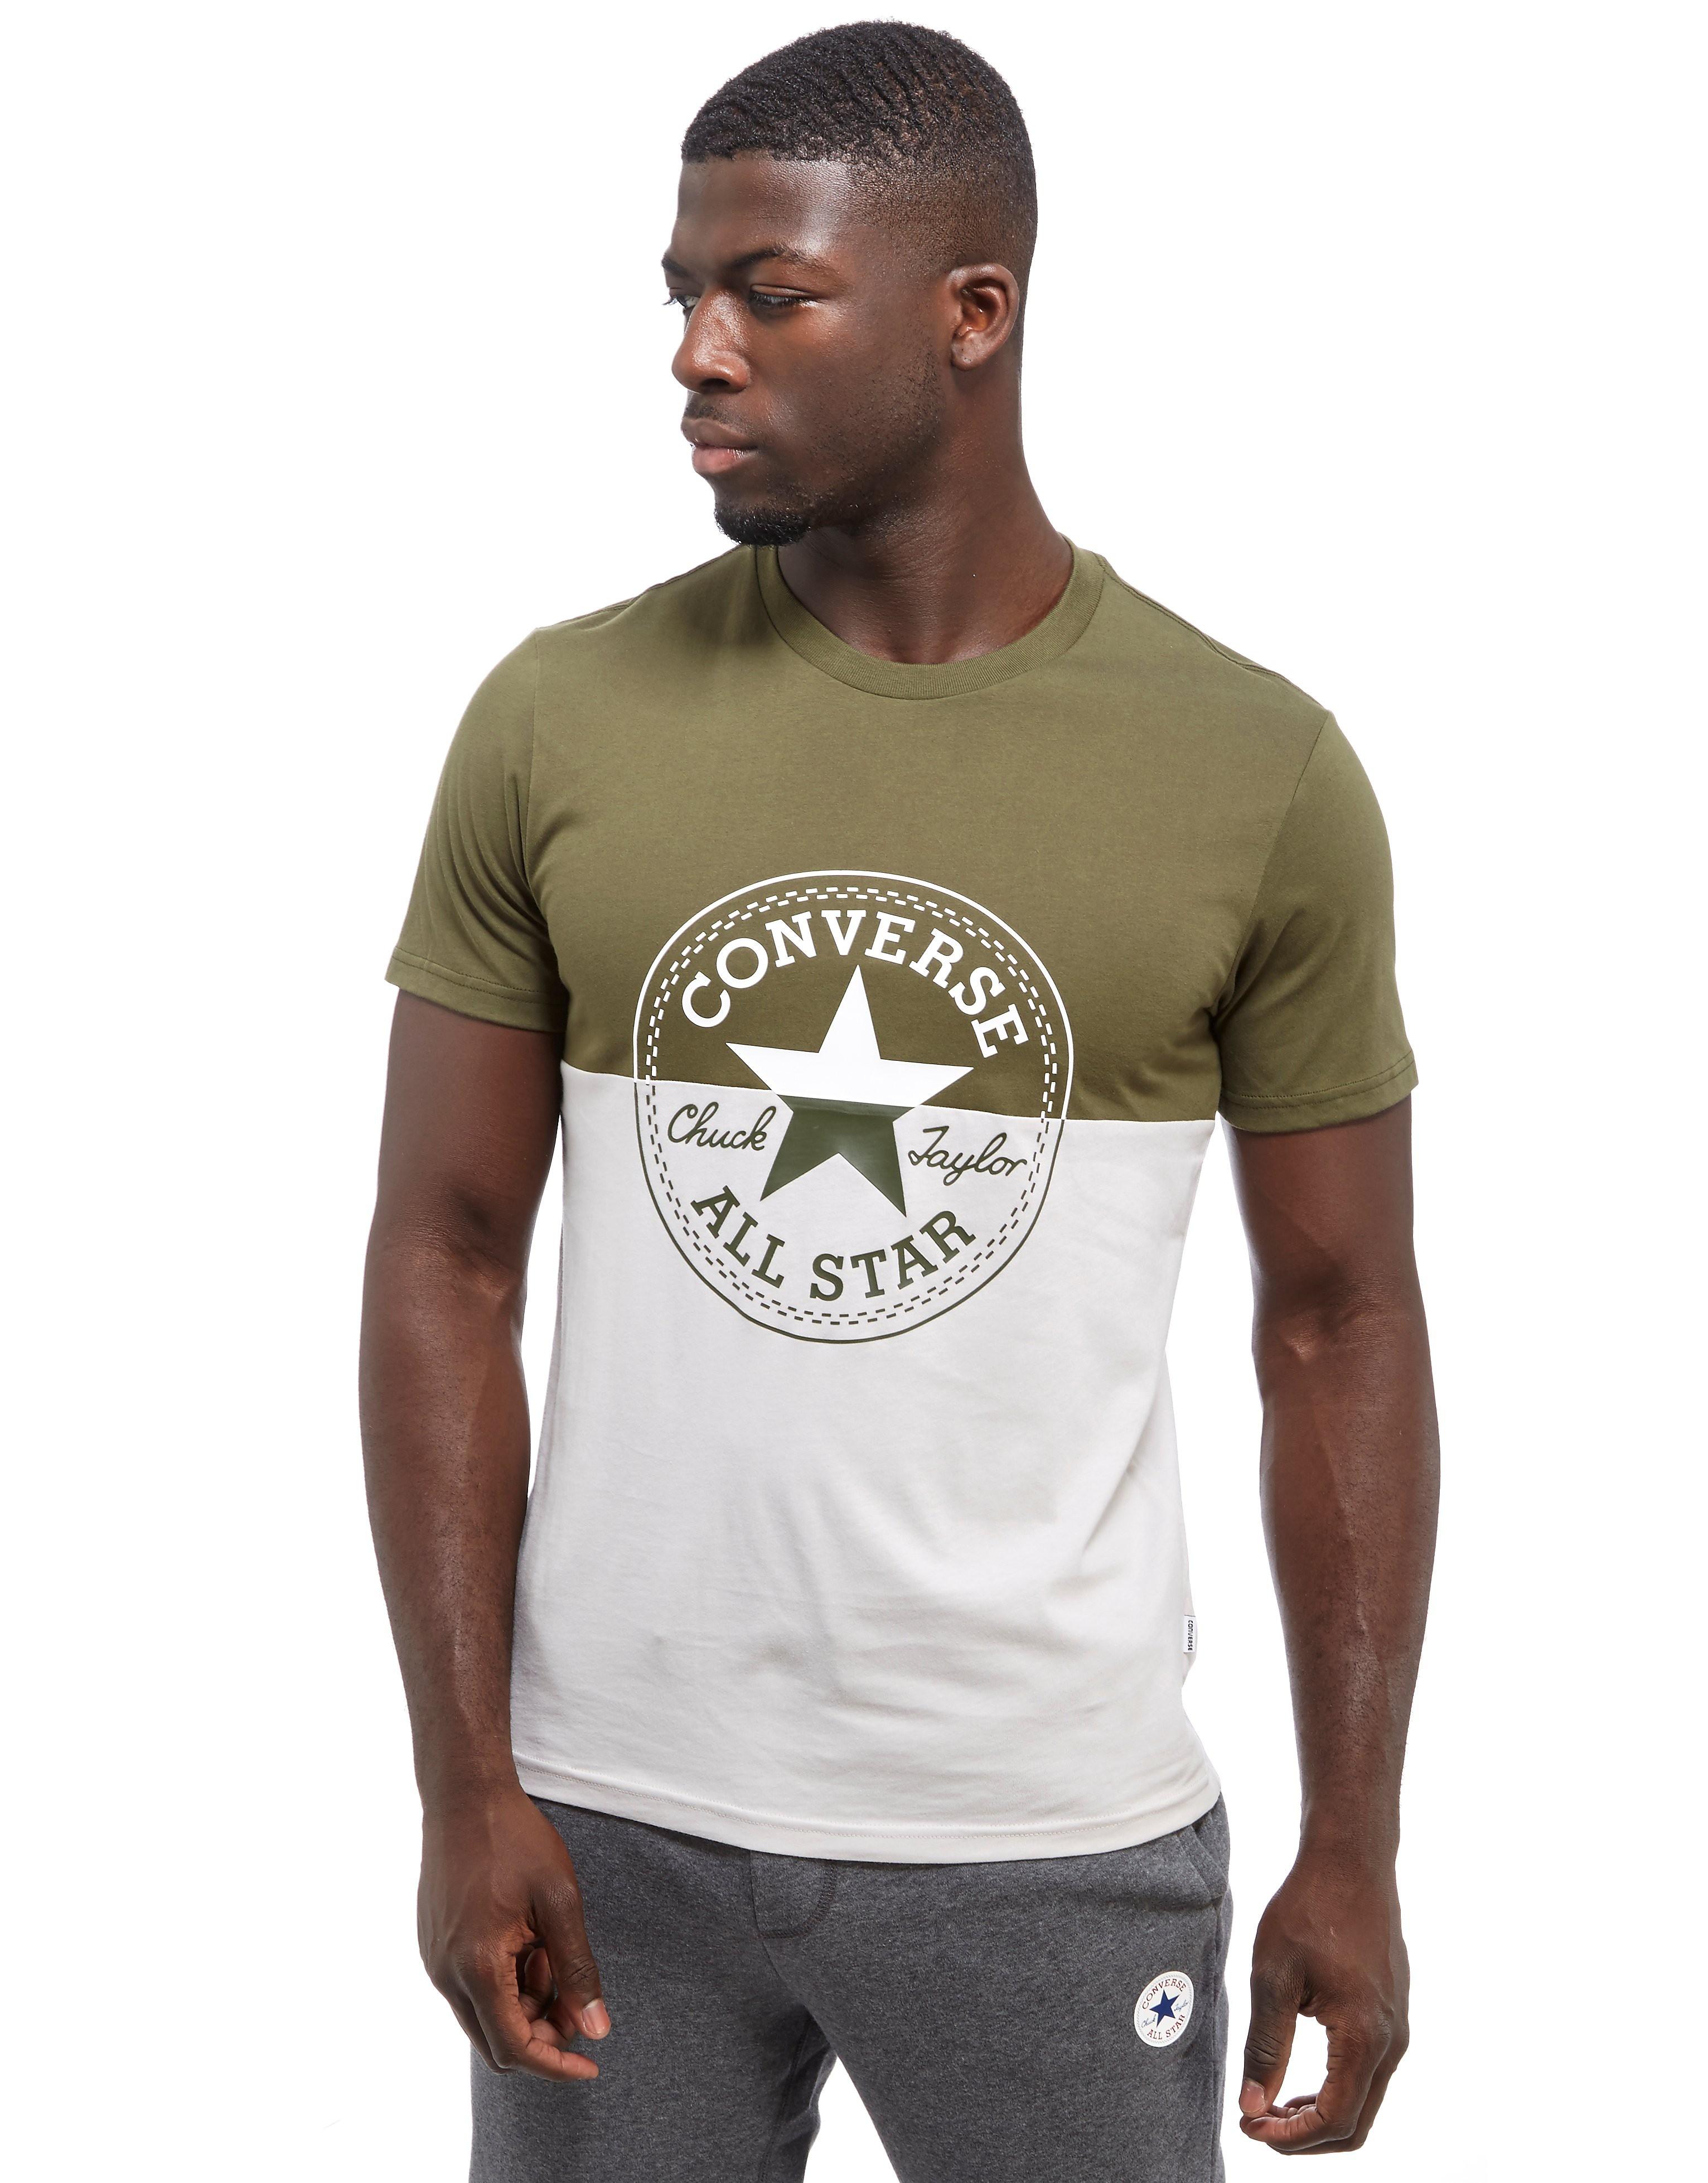 CONVERSE NETHER Chuck Patch T-Shirt